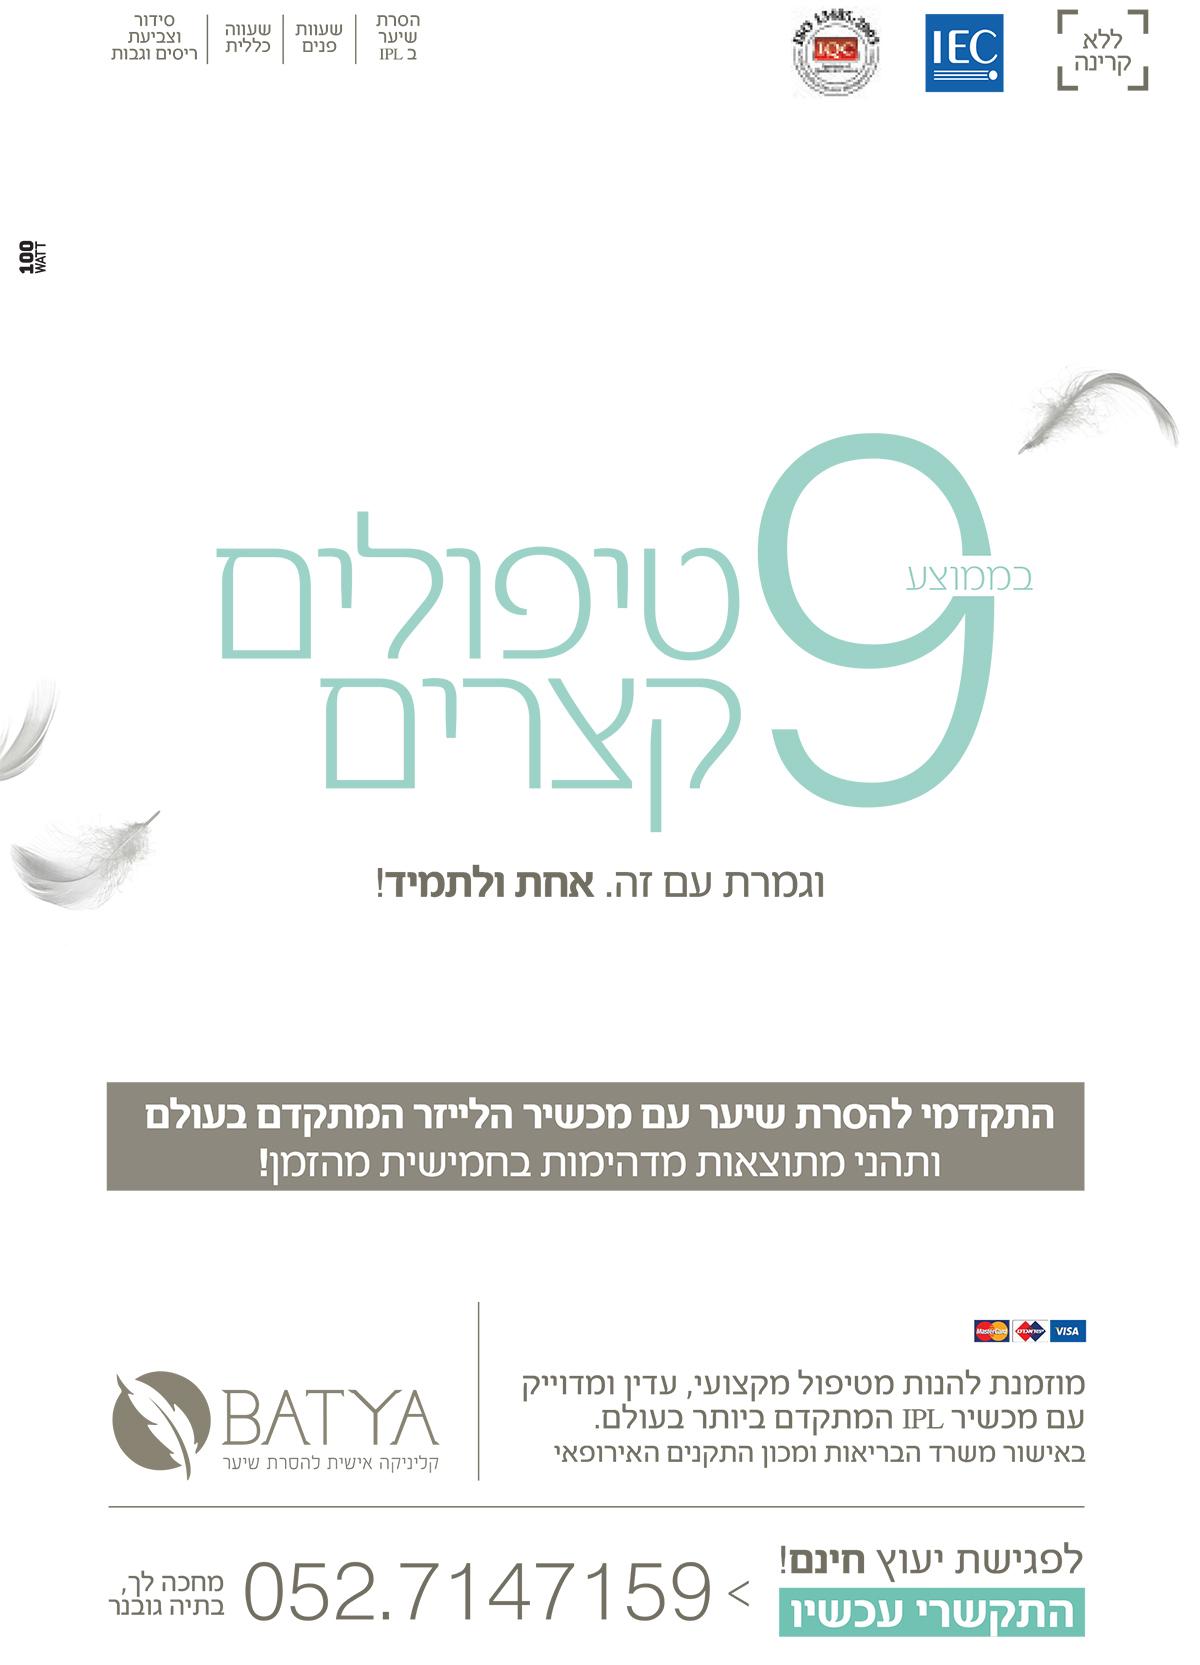 advertising-batya (4)